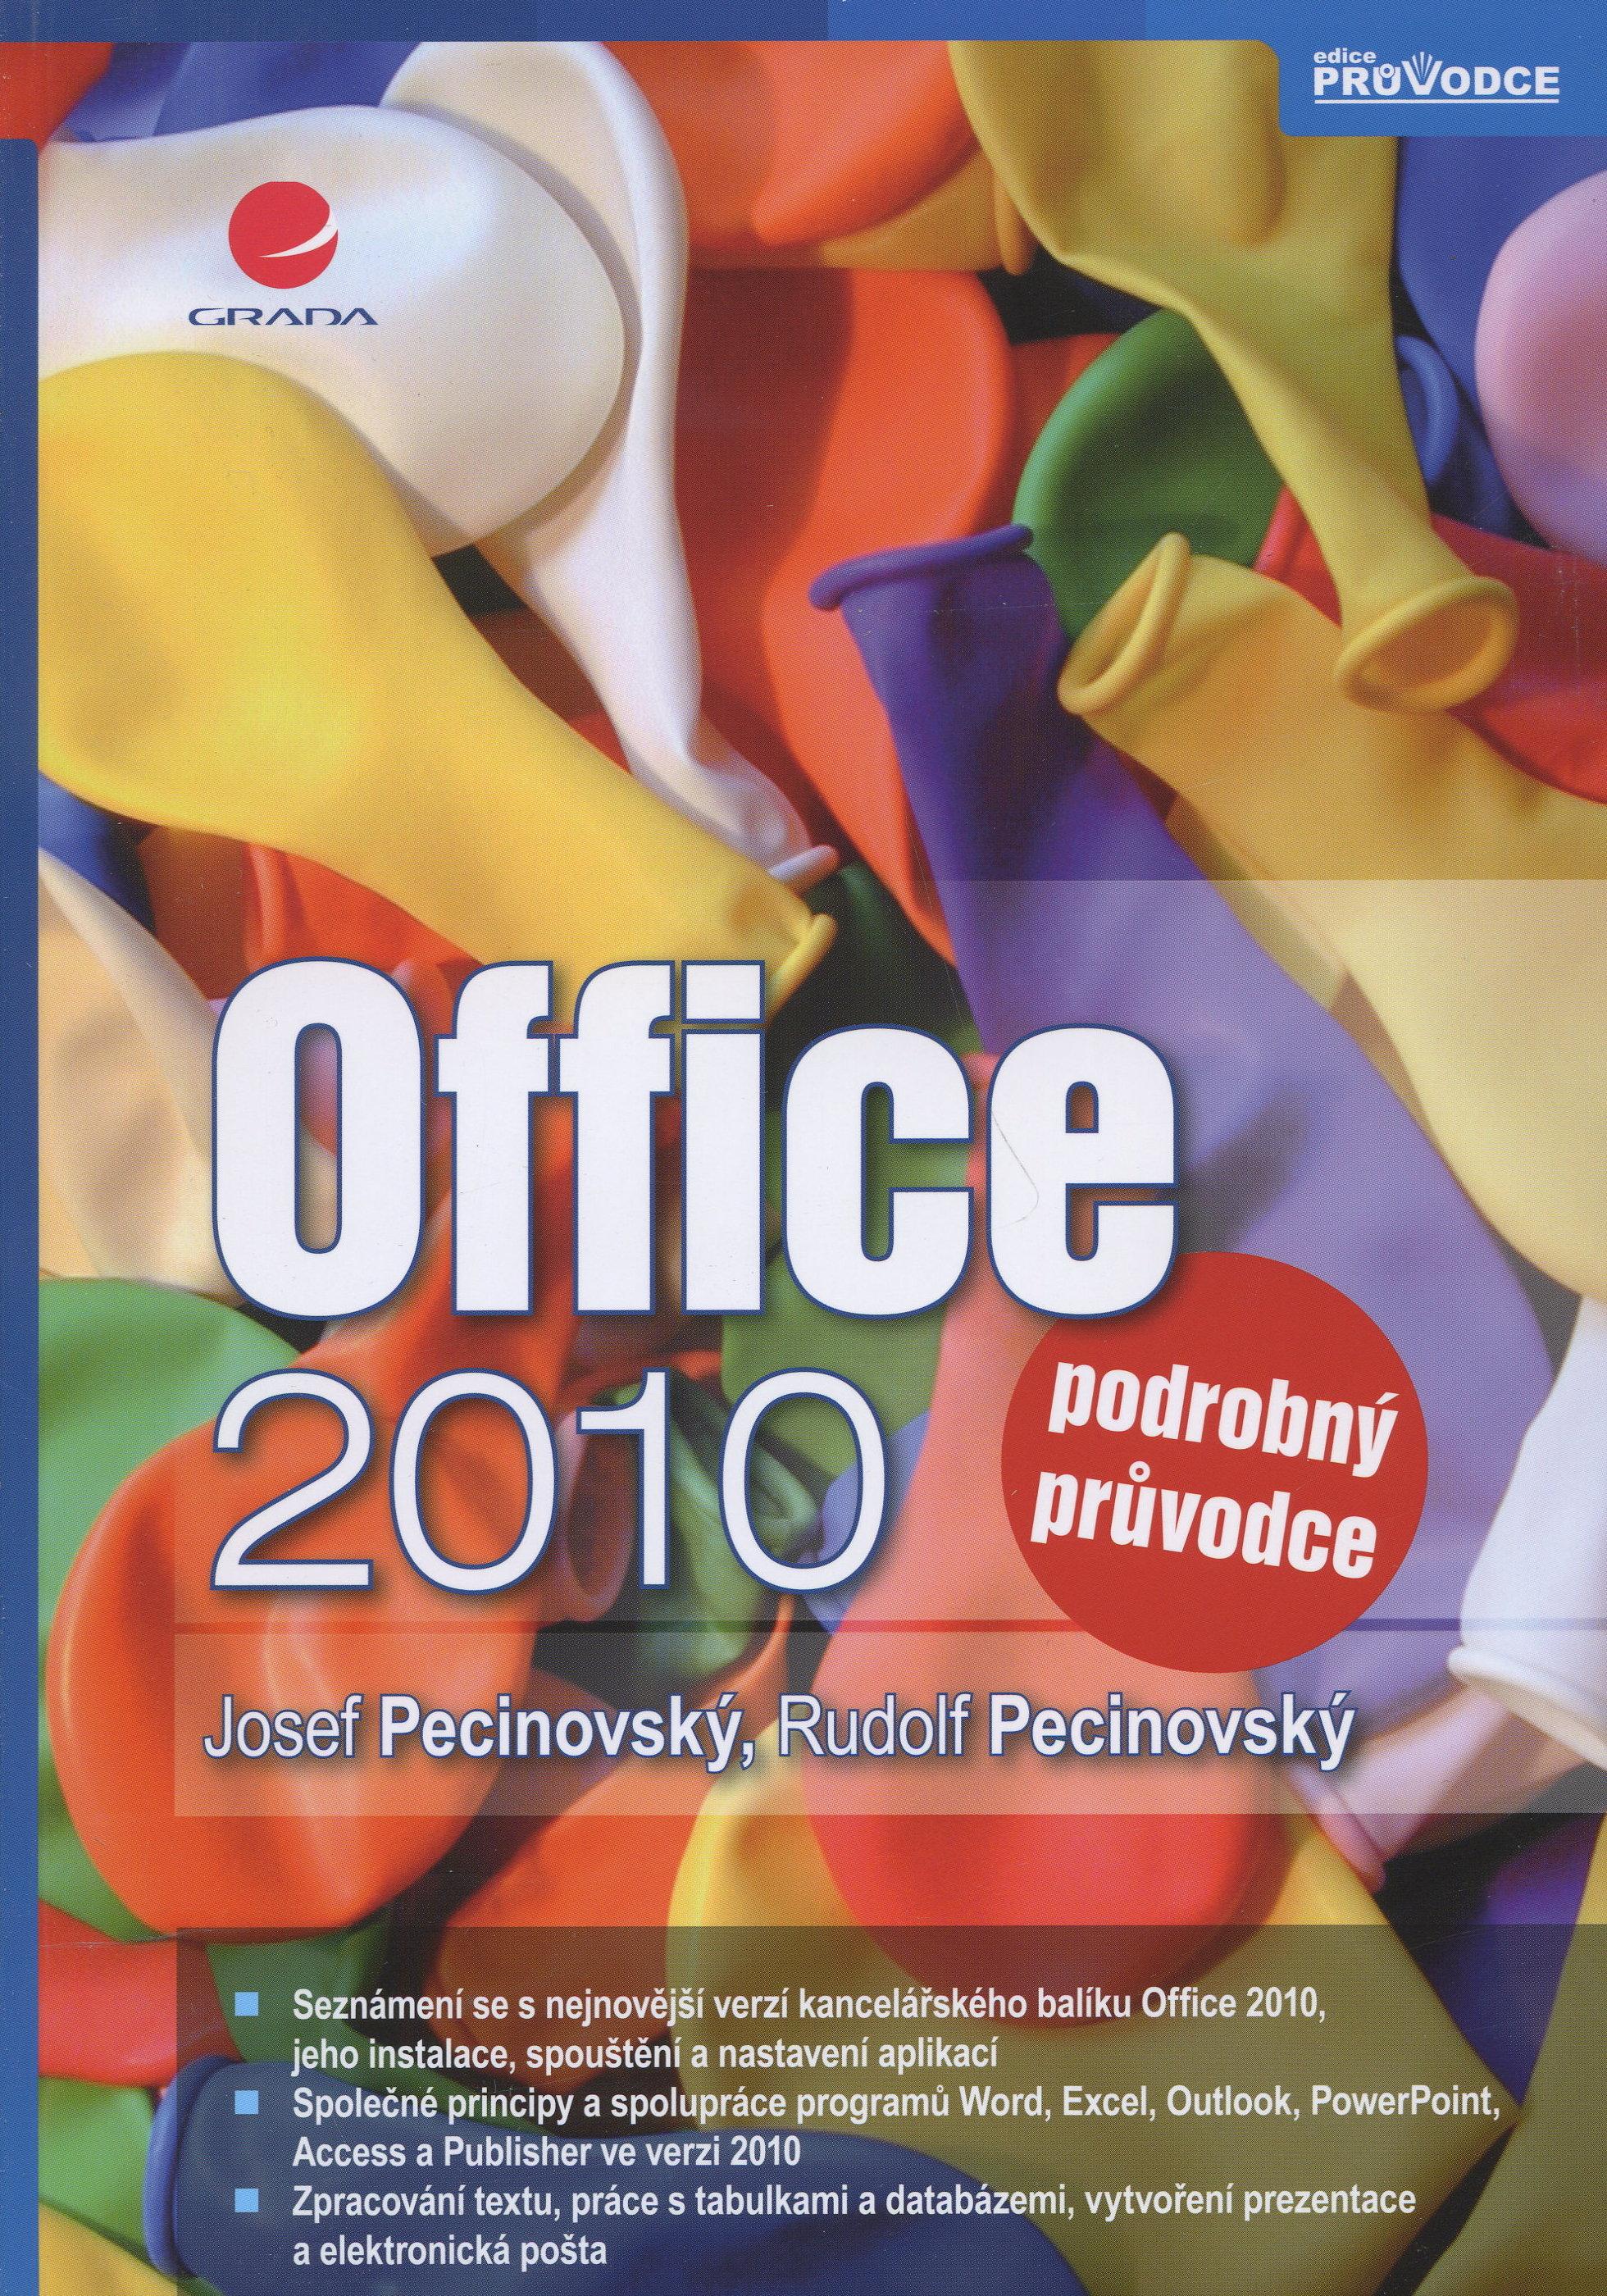 Office 2010 - podrobný průvodce